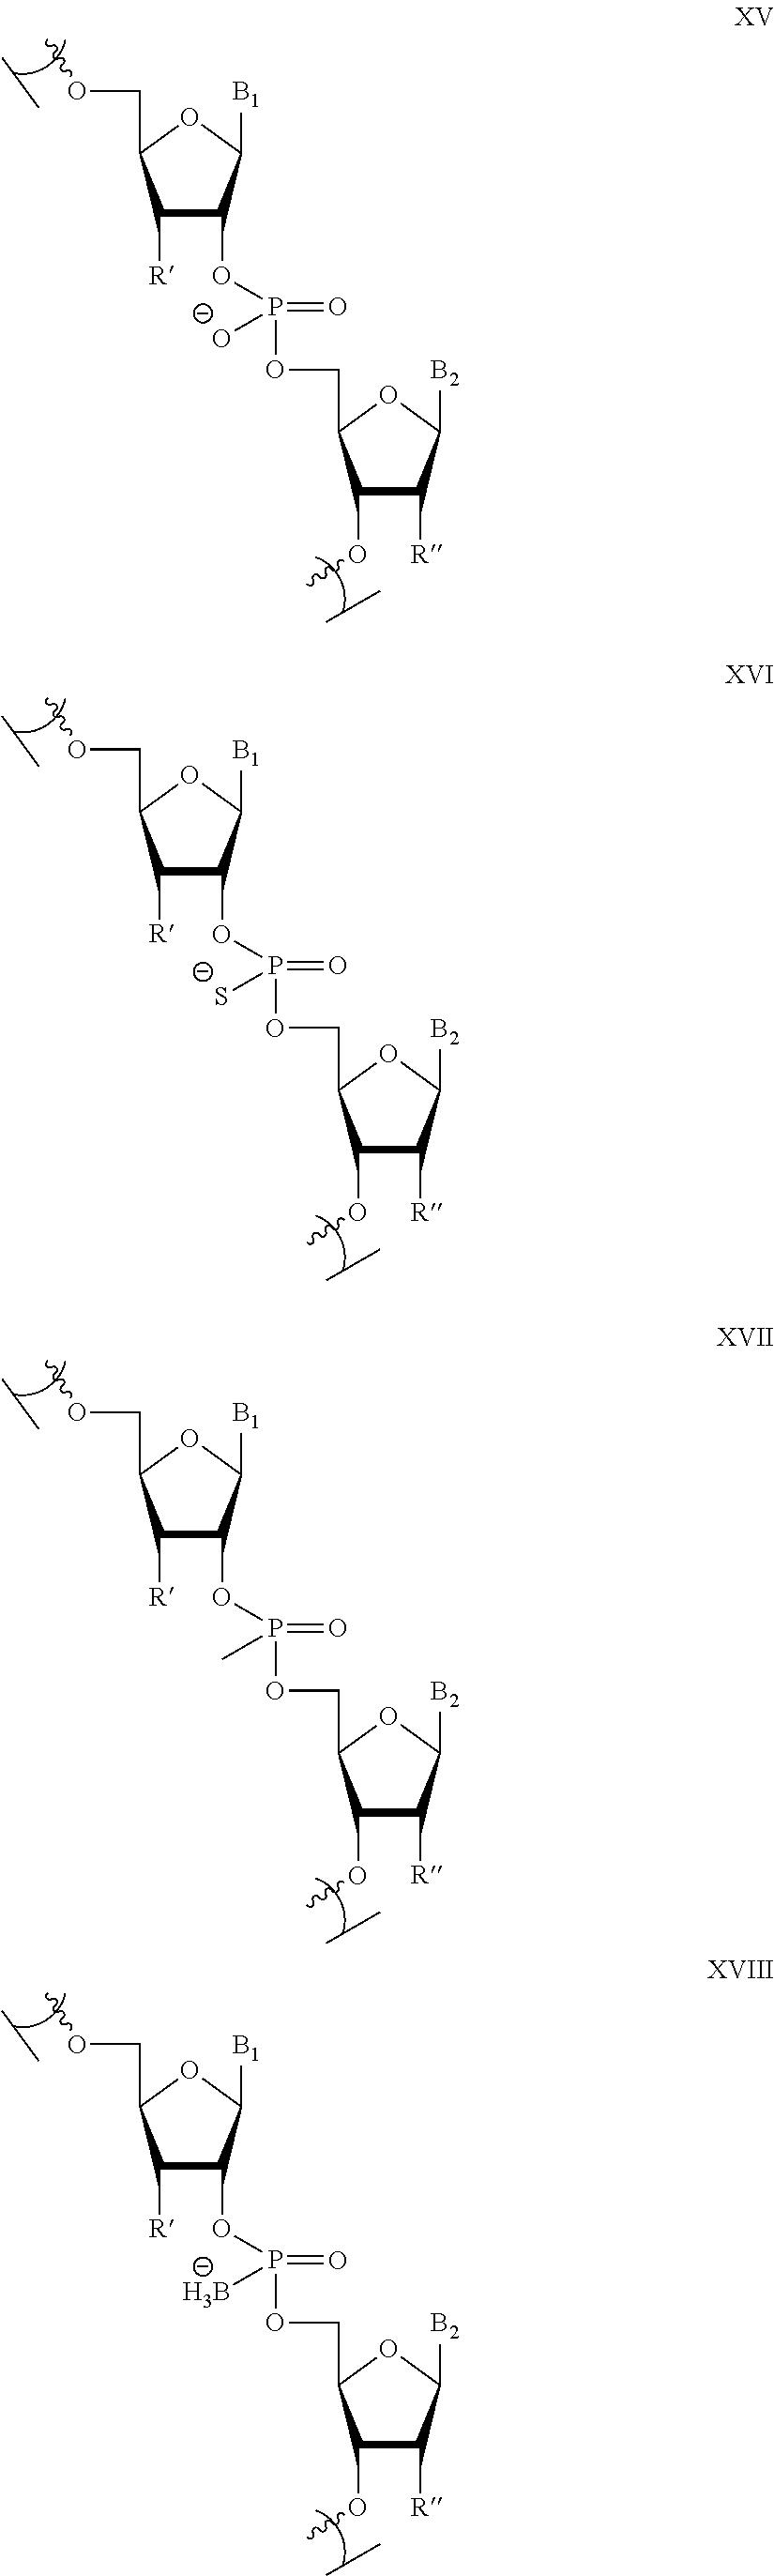 Figure US20110118339A1-20110519-C00026